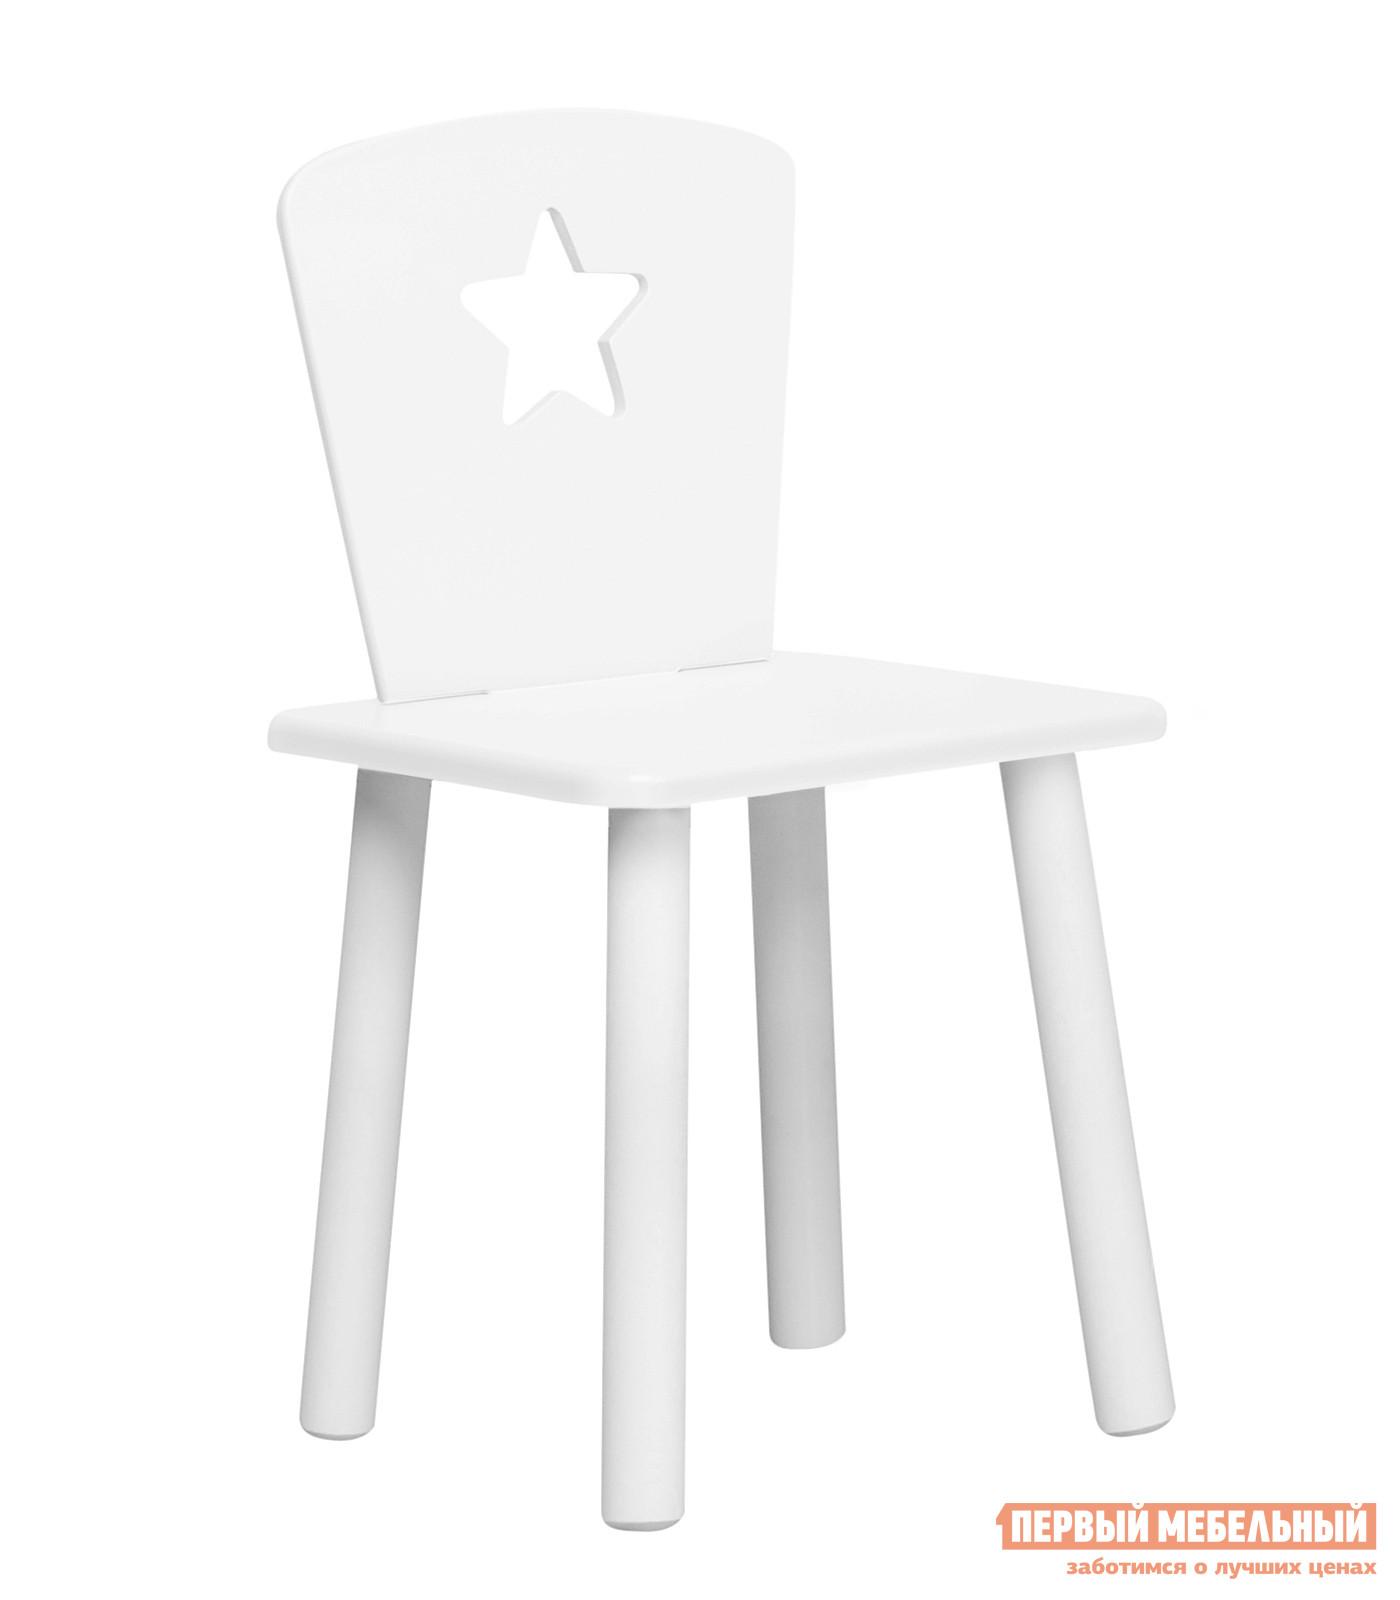 Столик и стульчик  Детский Стул Eco Star Белый